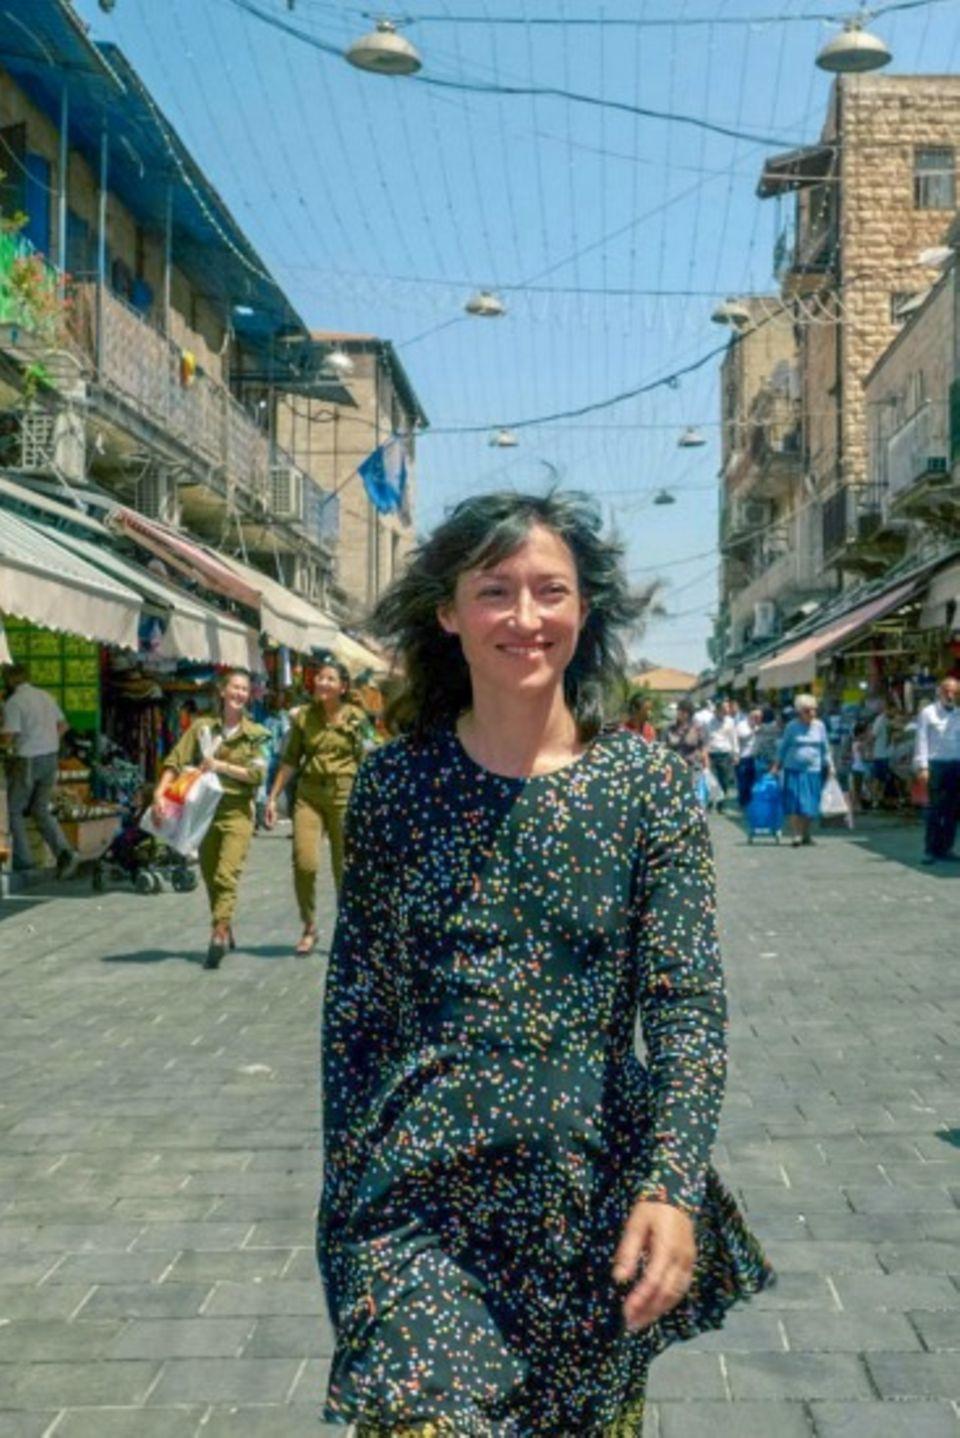 Charlotte Roche in Israel